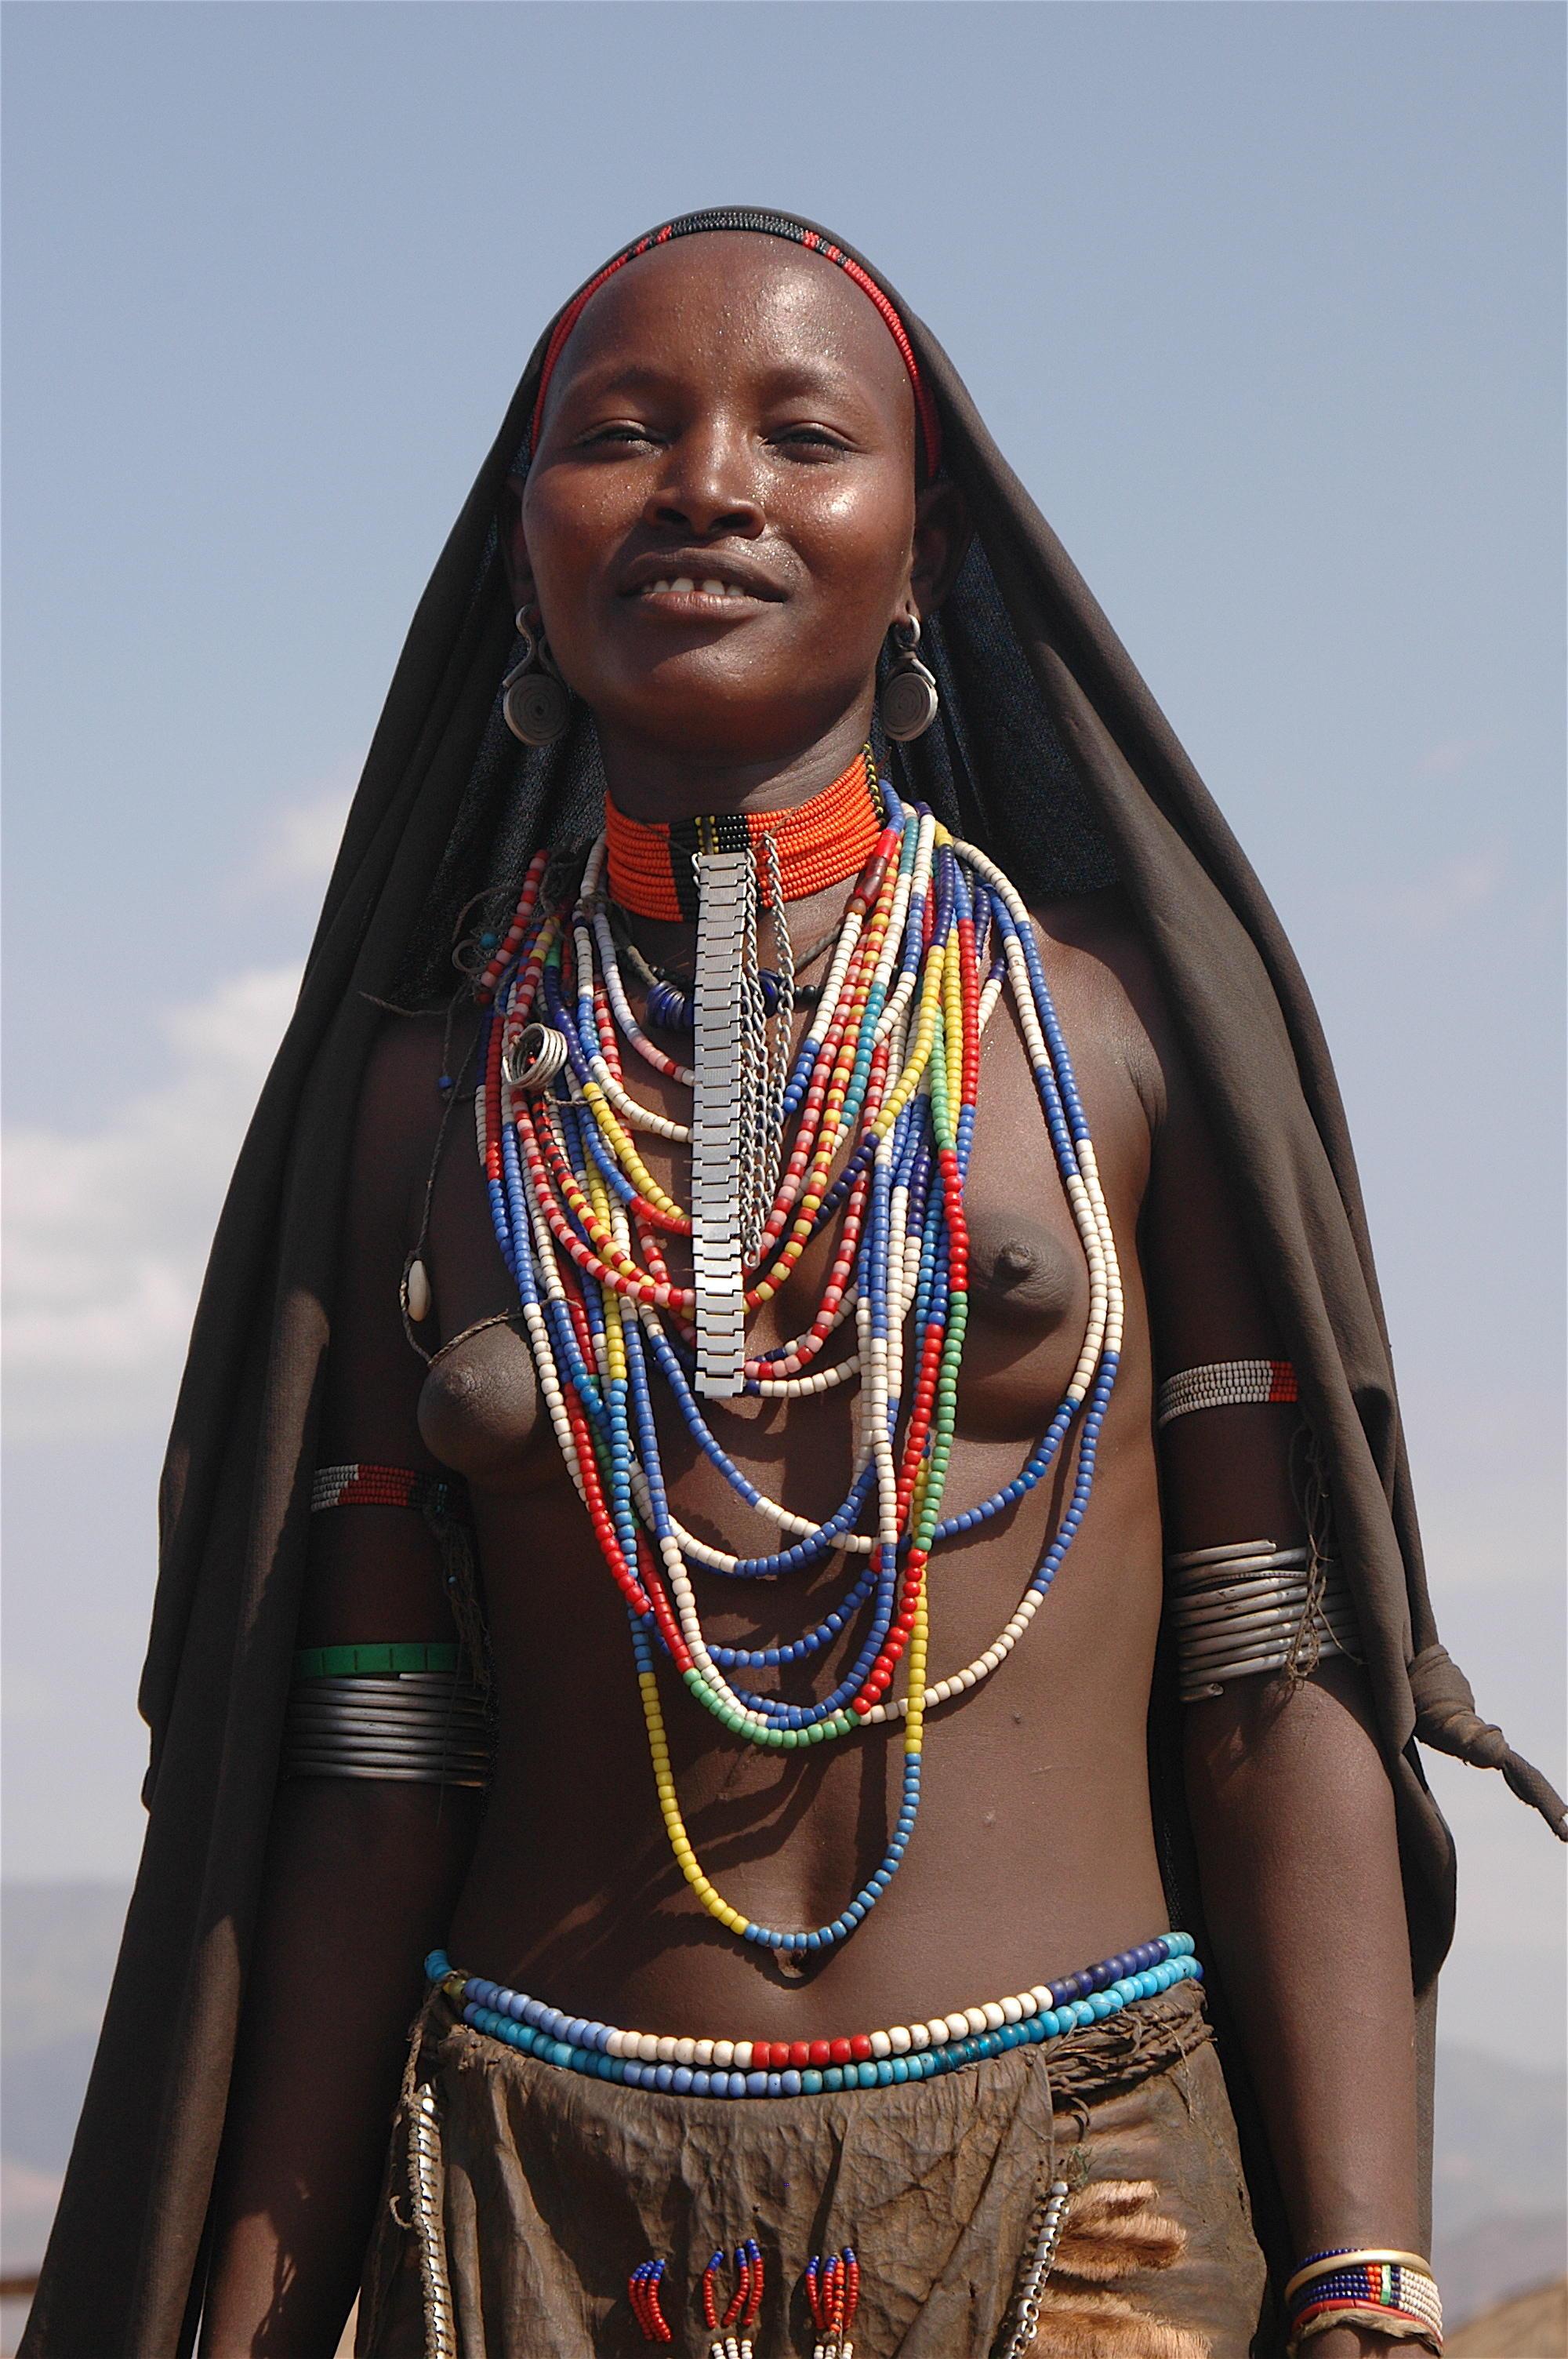 Фото африканских племен без одежды 21 фотография